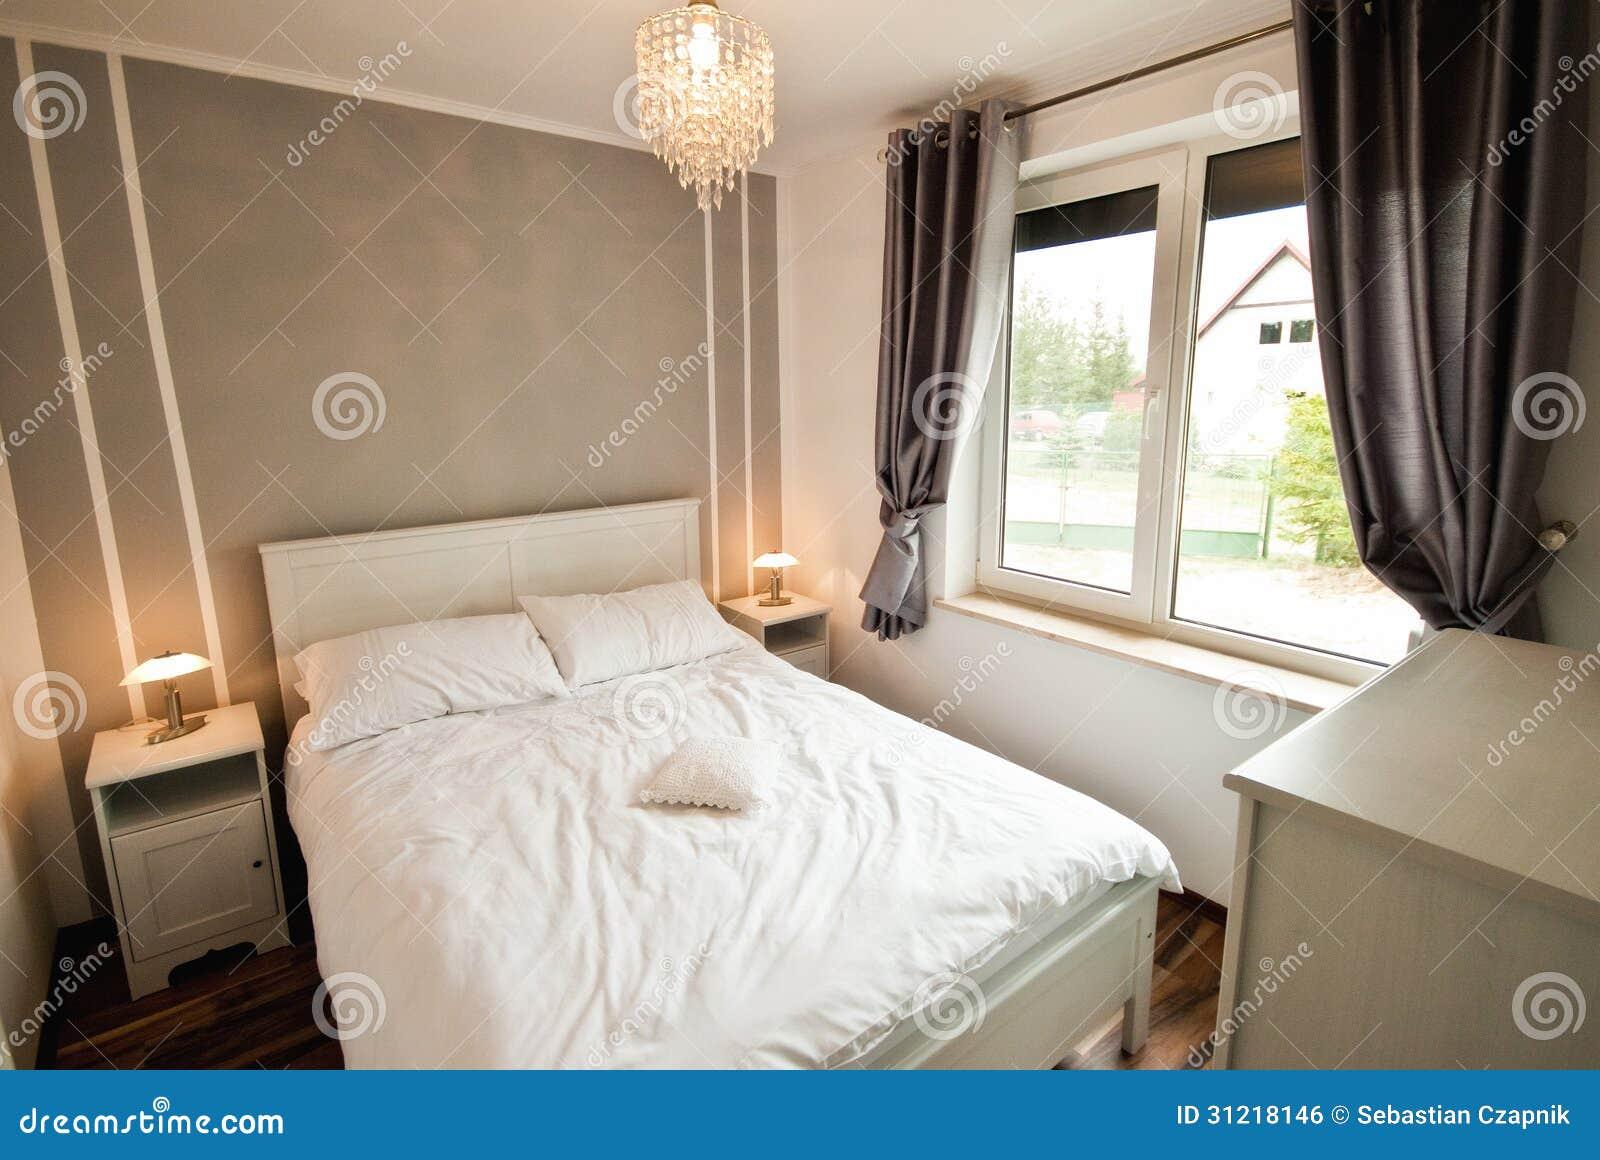 Elegantes Schlafzimmer stockfoto. Bild von dekoration - 31218146